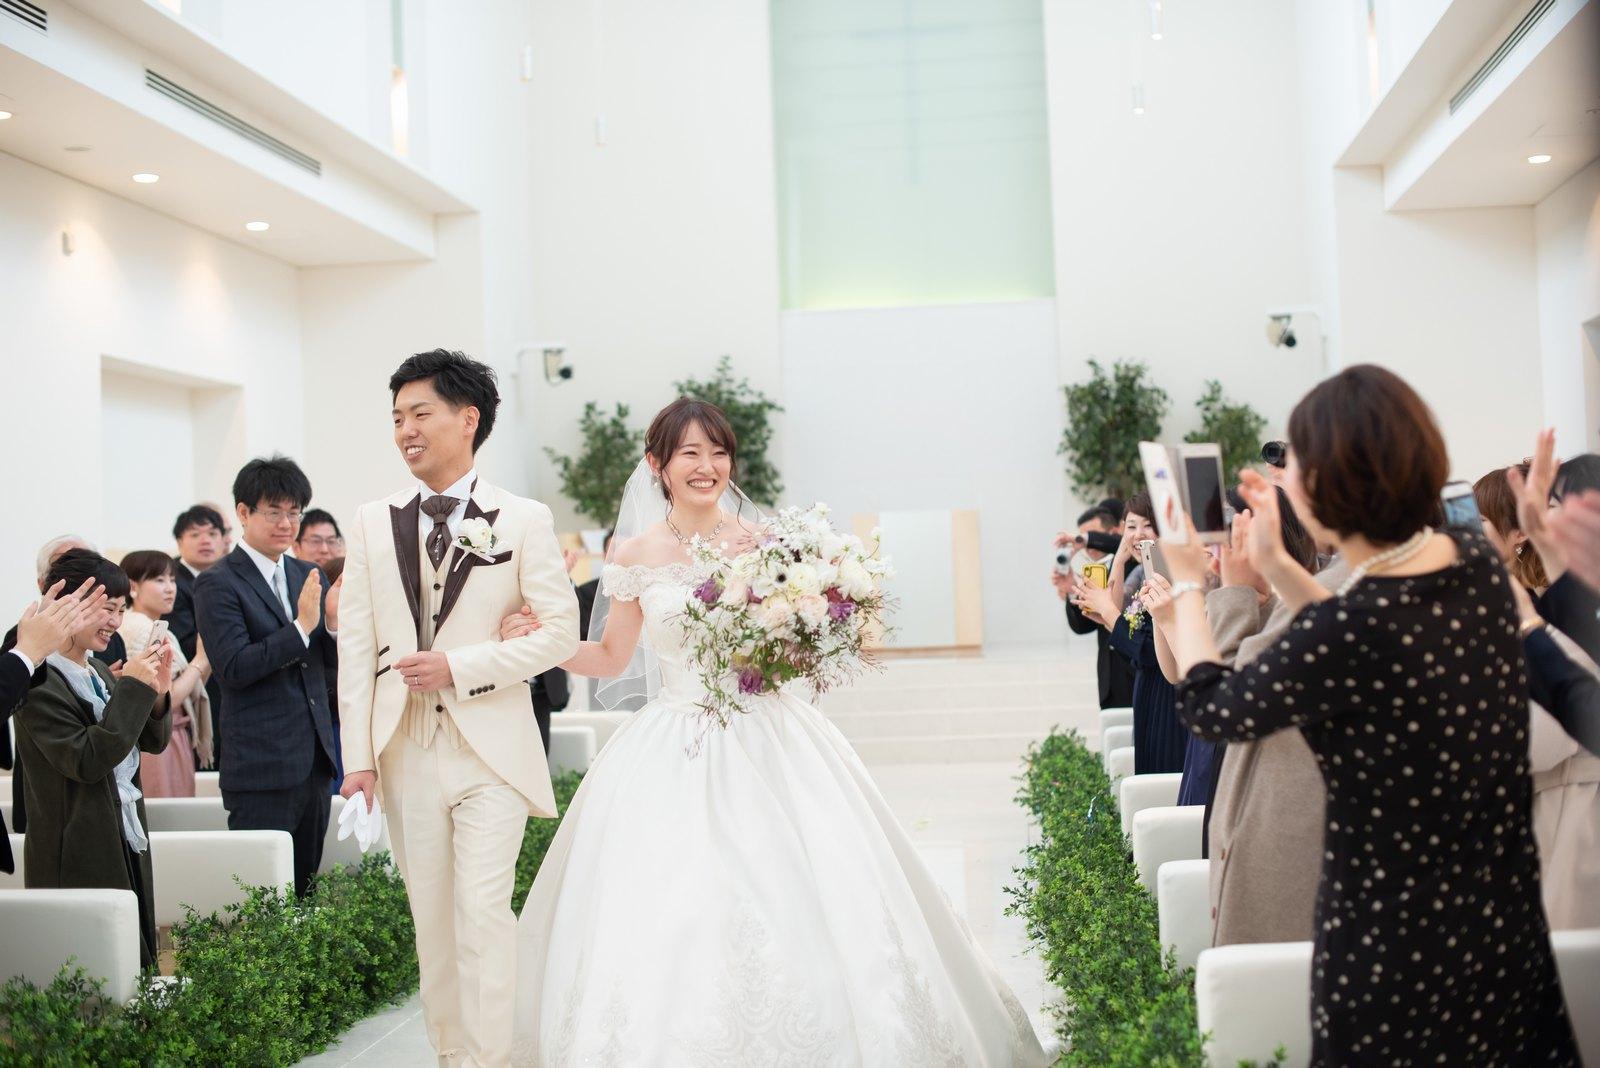 徳島市の結婚式場ブランアンジュのチャペル人前式でゲストにコンフェッティクラッカーで祝福される新郎新婦